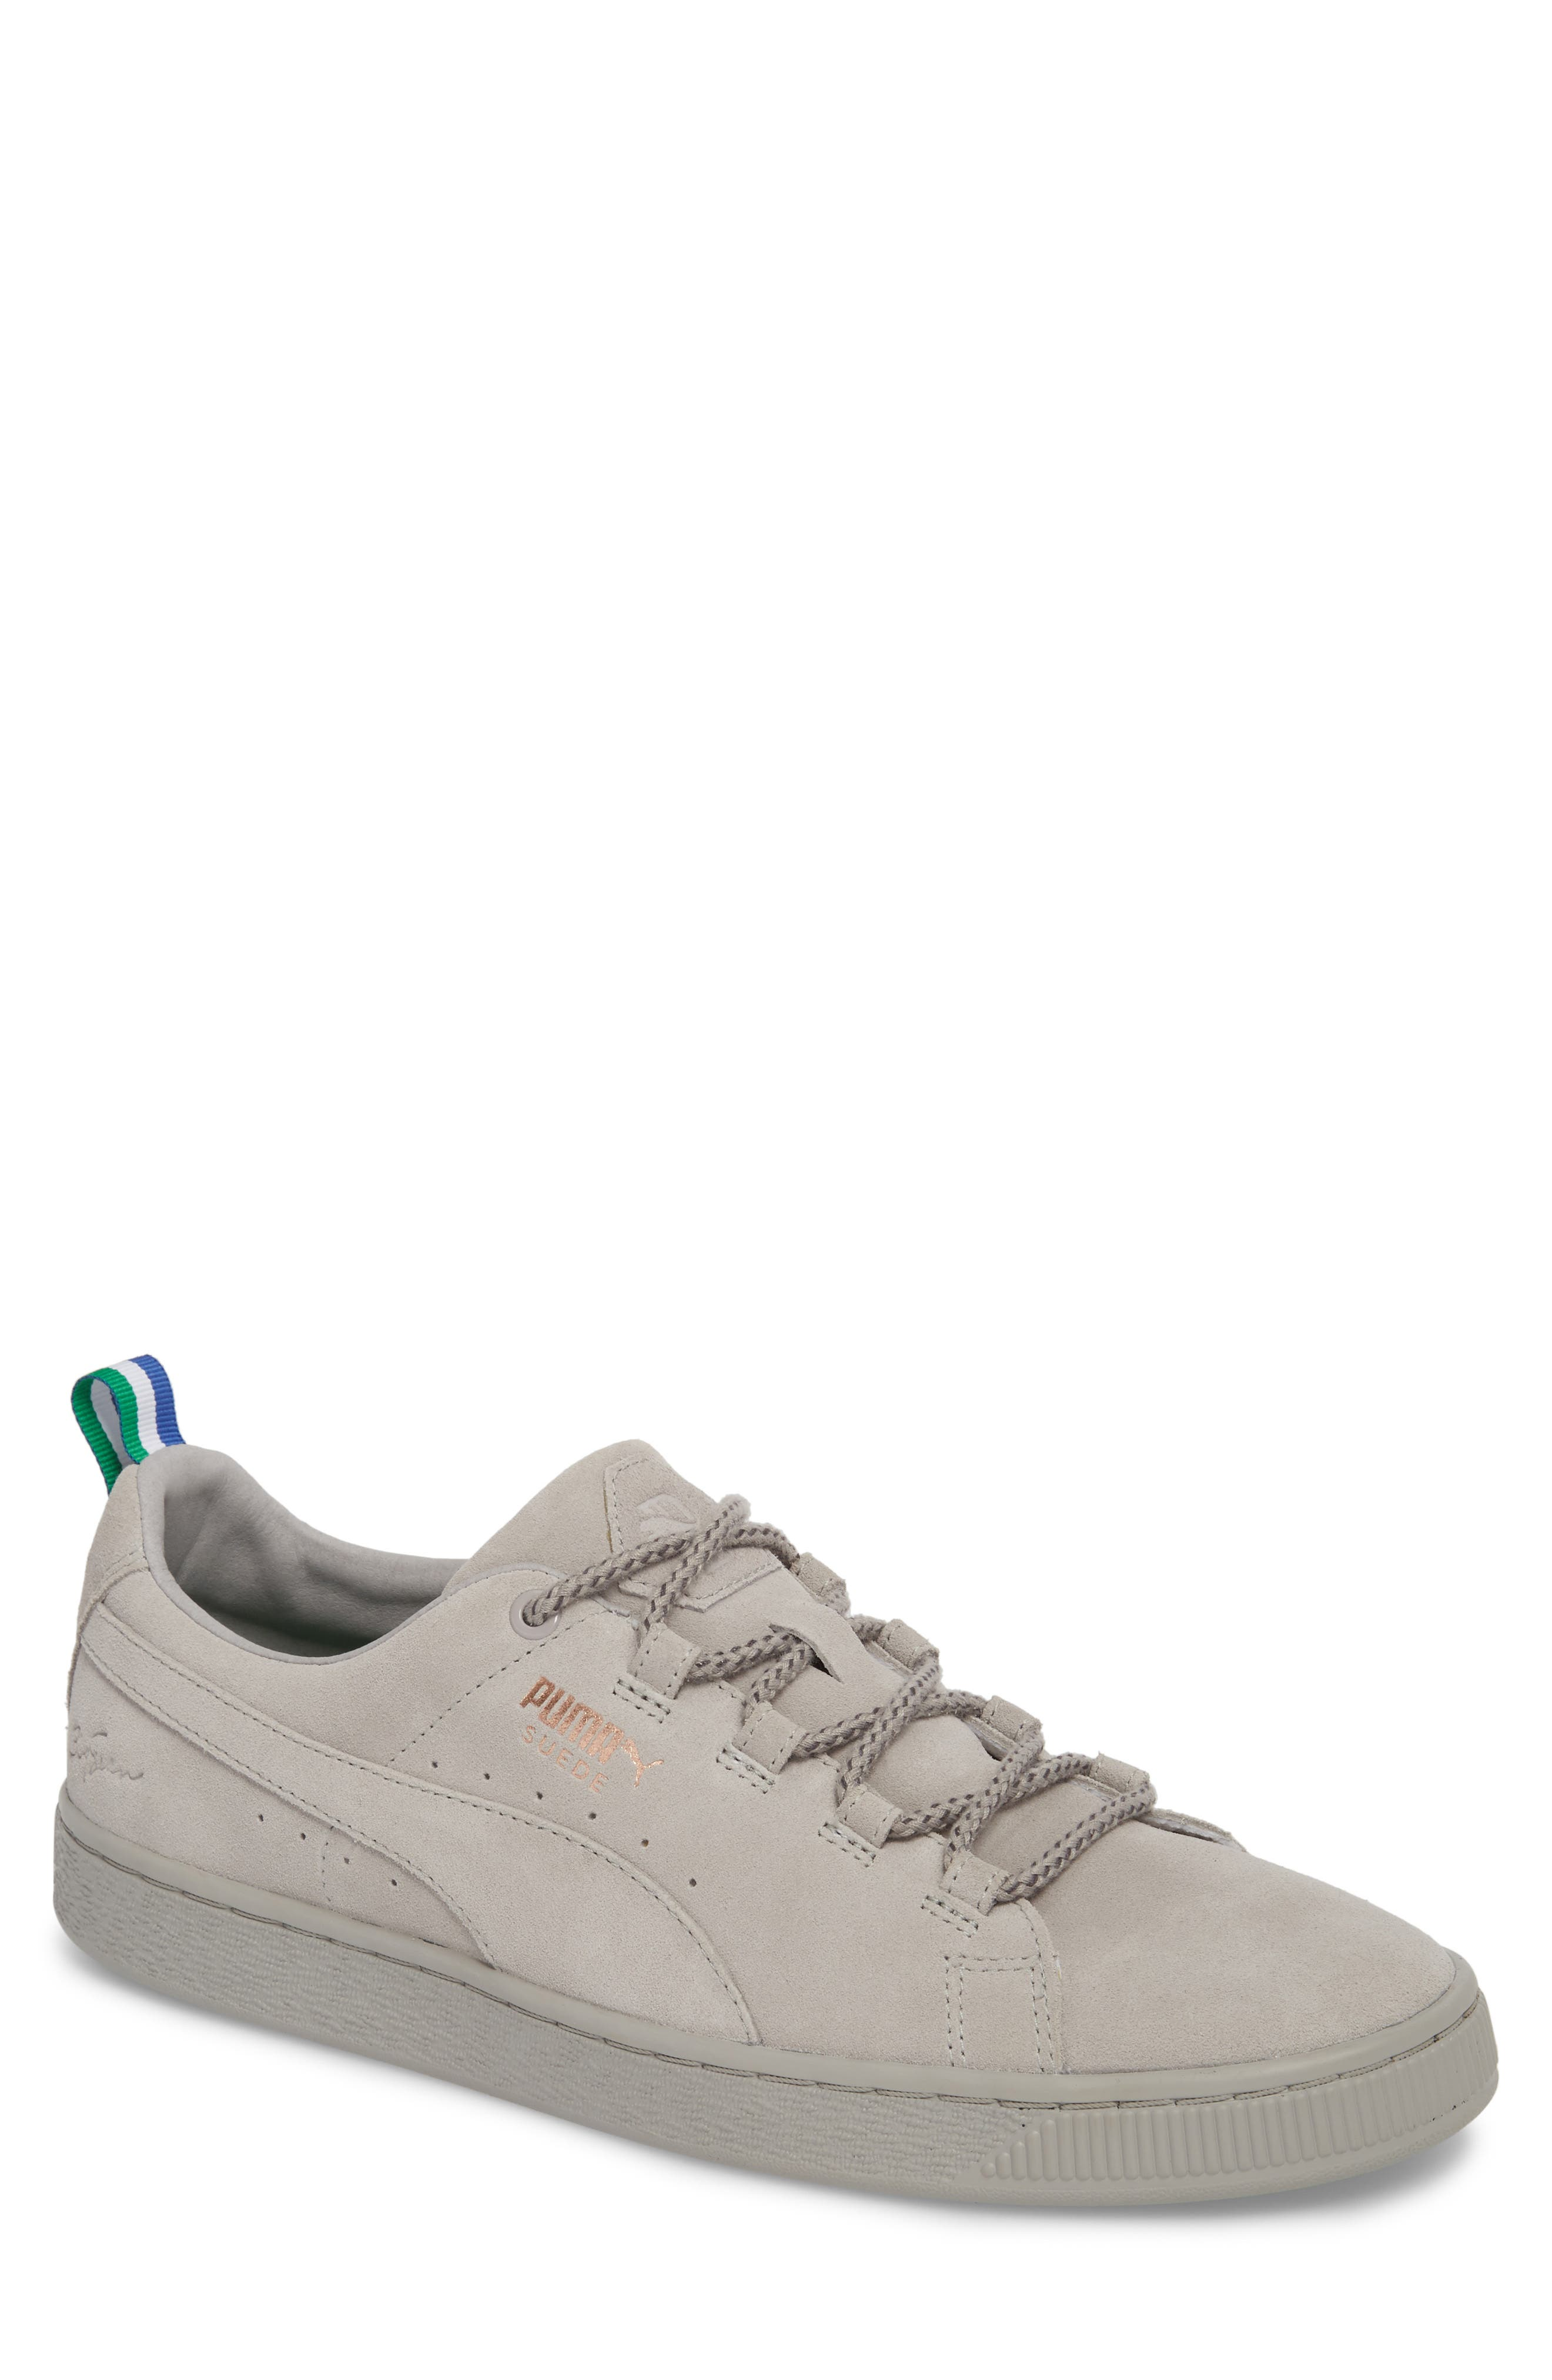 x Big Sean Suede Sneaker,                         Main,                         color, Ash Leather/ Suede